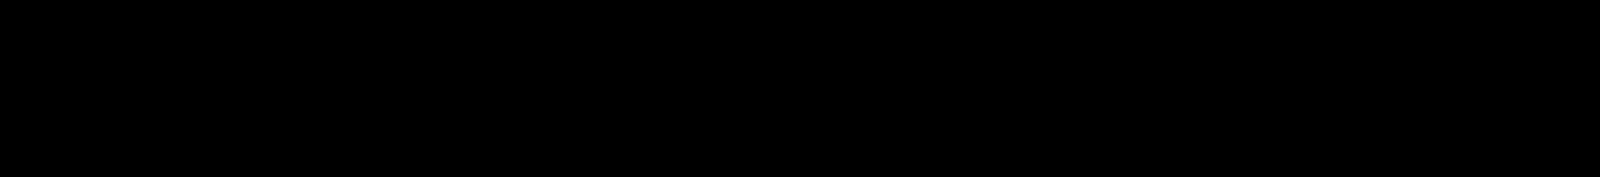 giorgio armani logo 2 - Giorgio Armani Logo